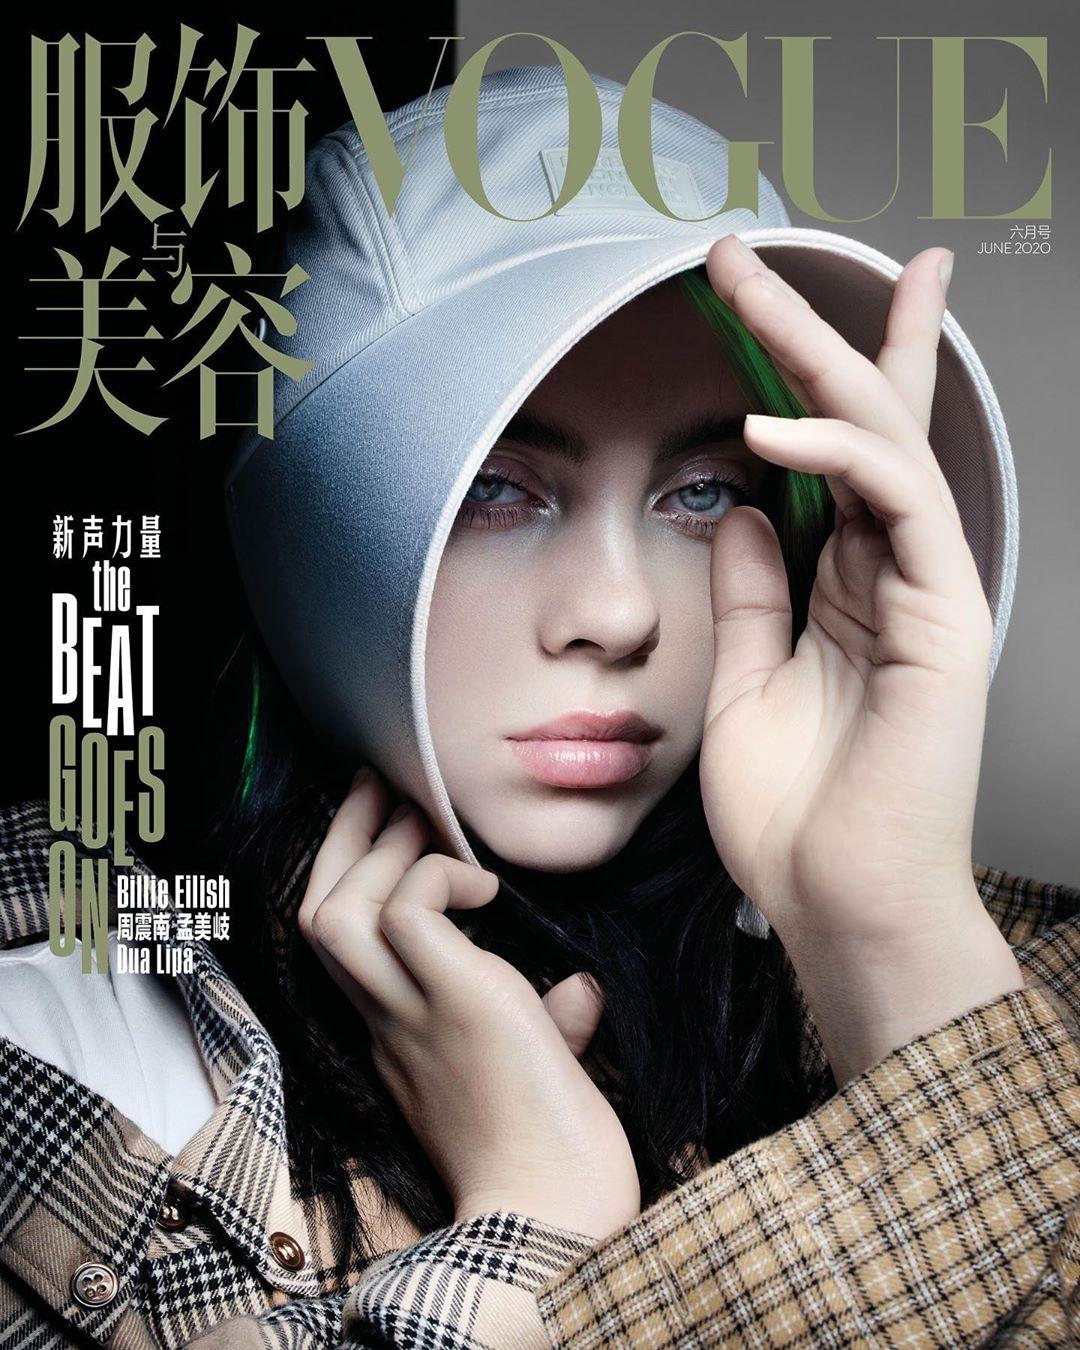 Билли Айлиш снялась для китайского Vogue (фото) - фото №1